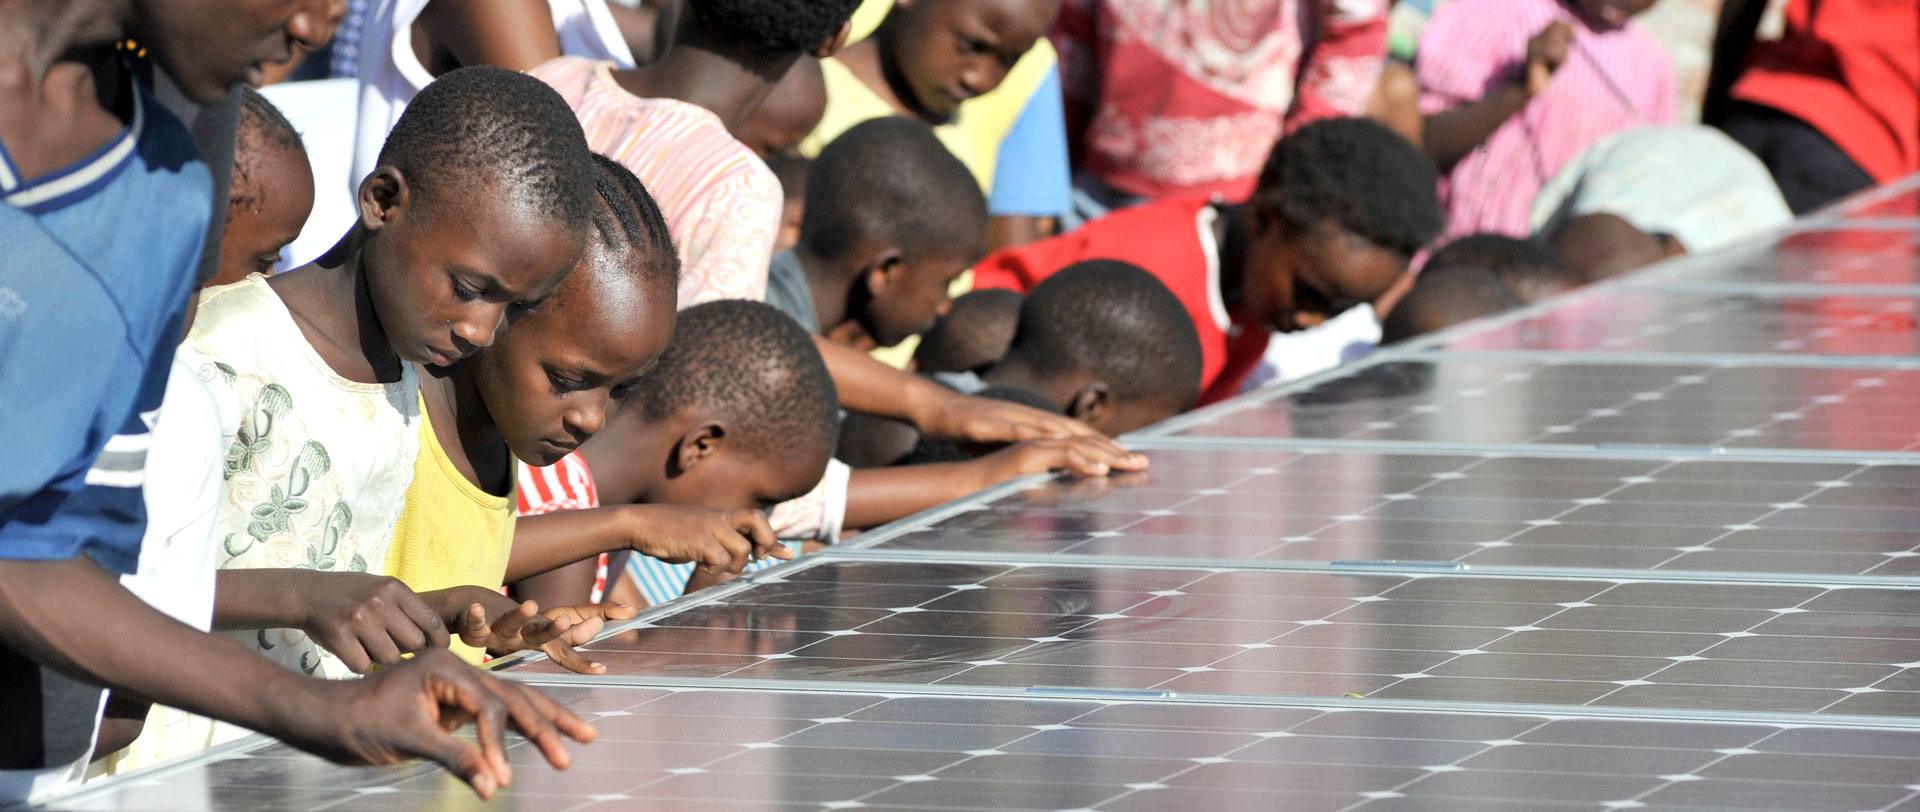 Unsere Vision für Afrika.